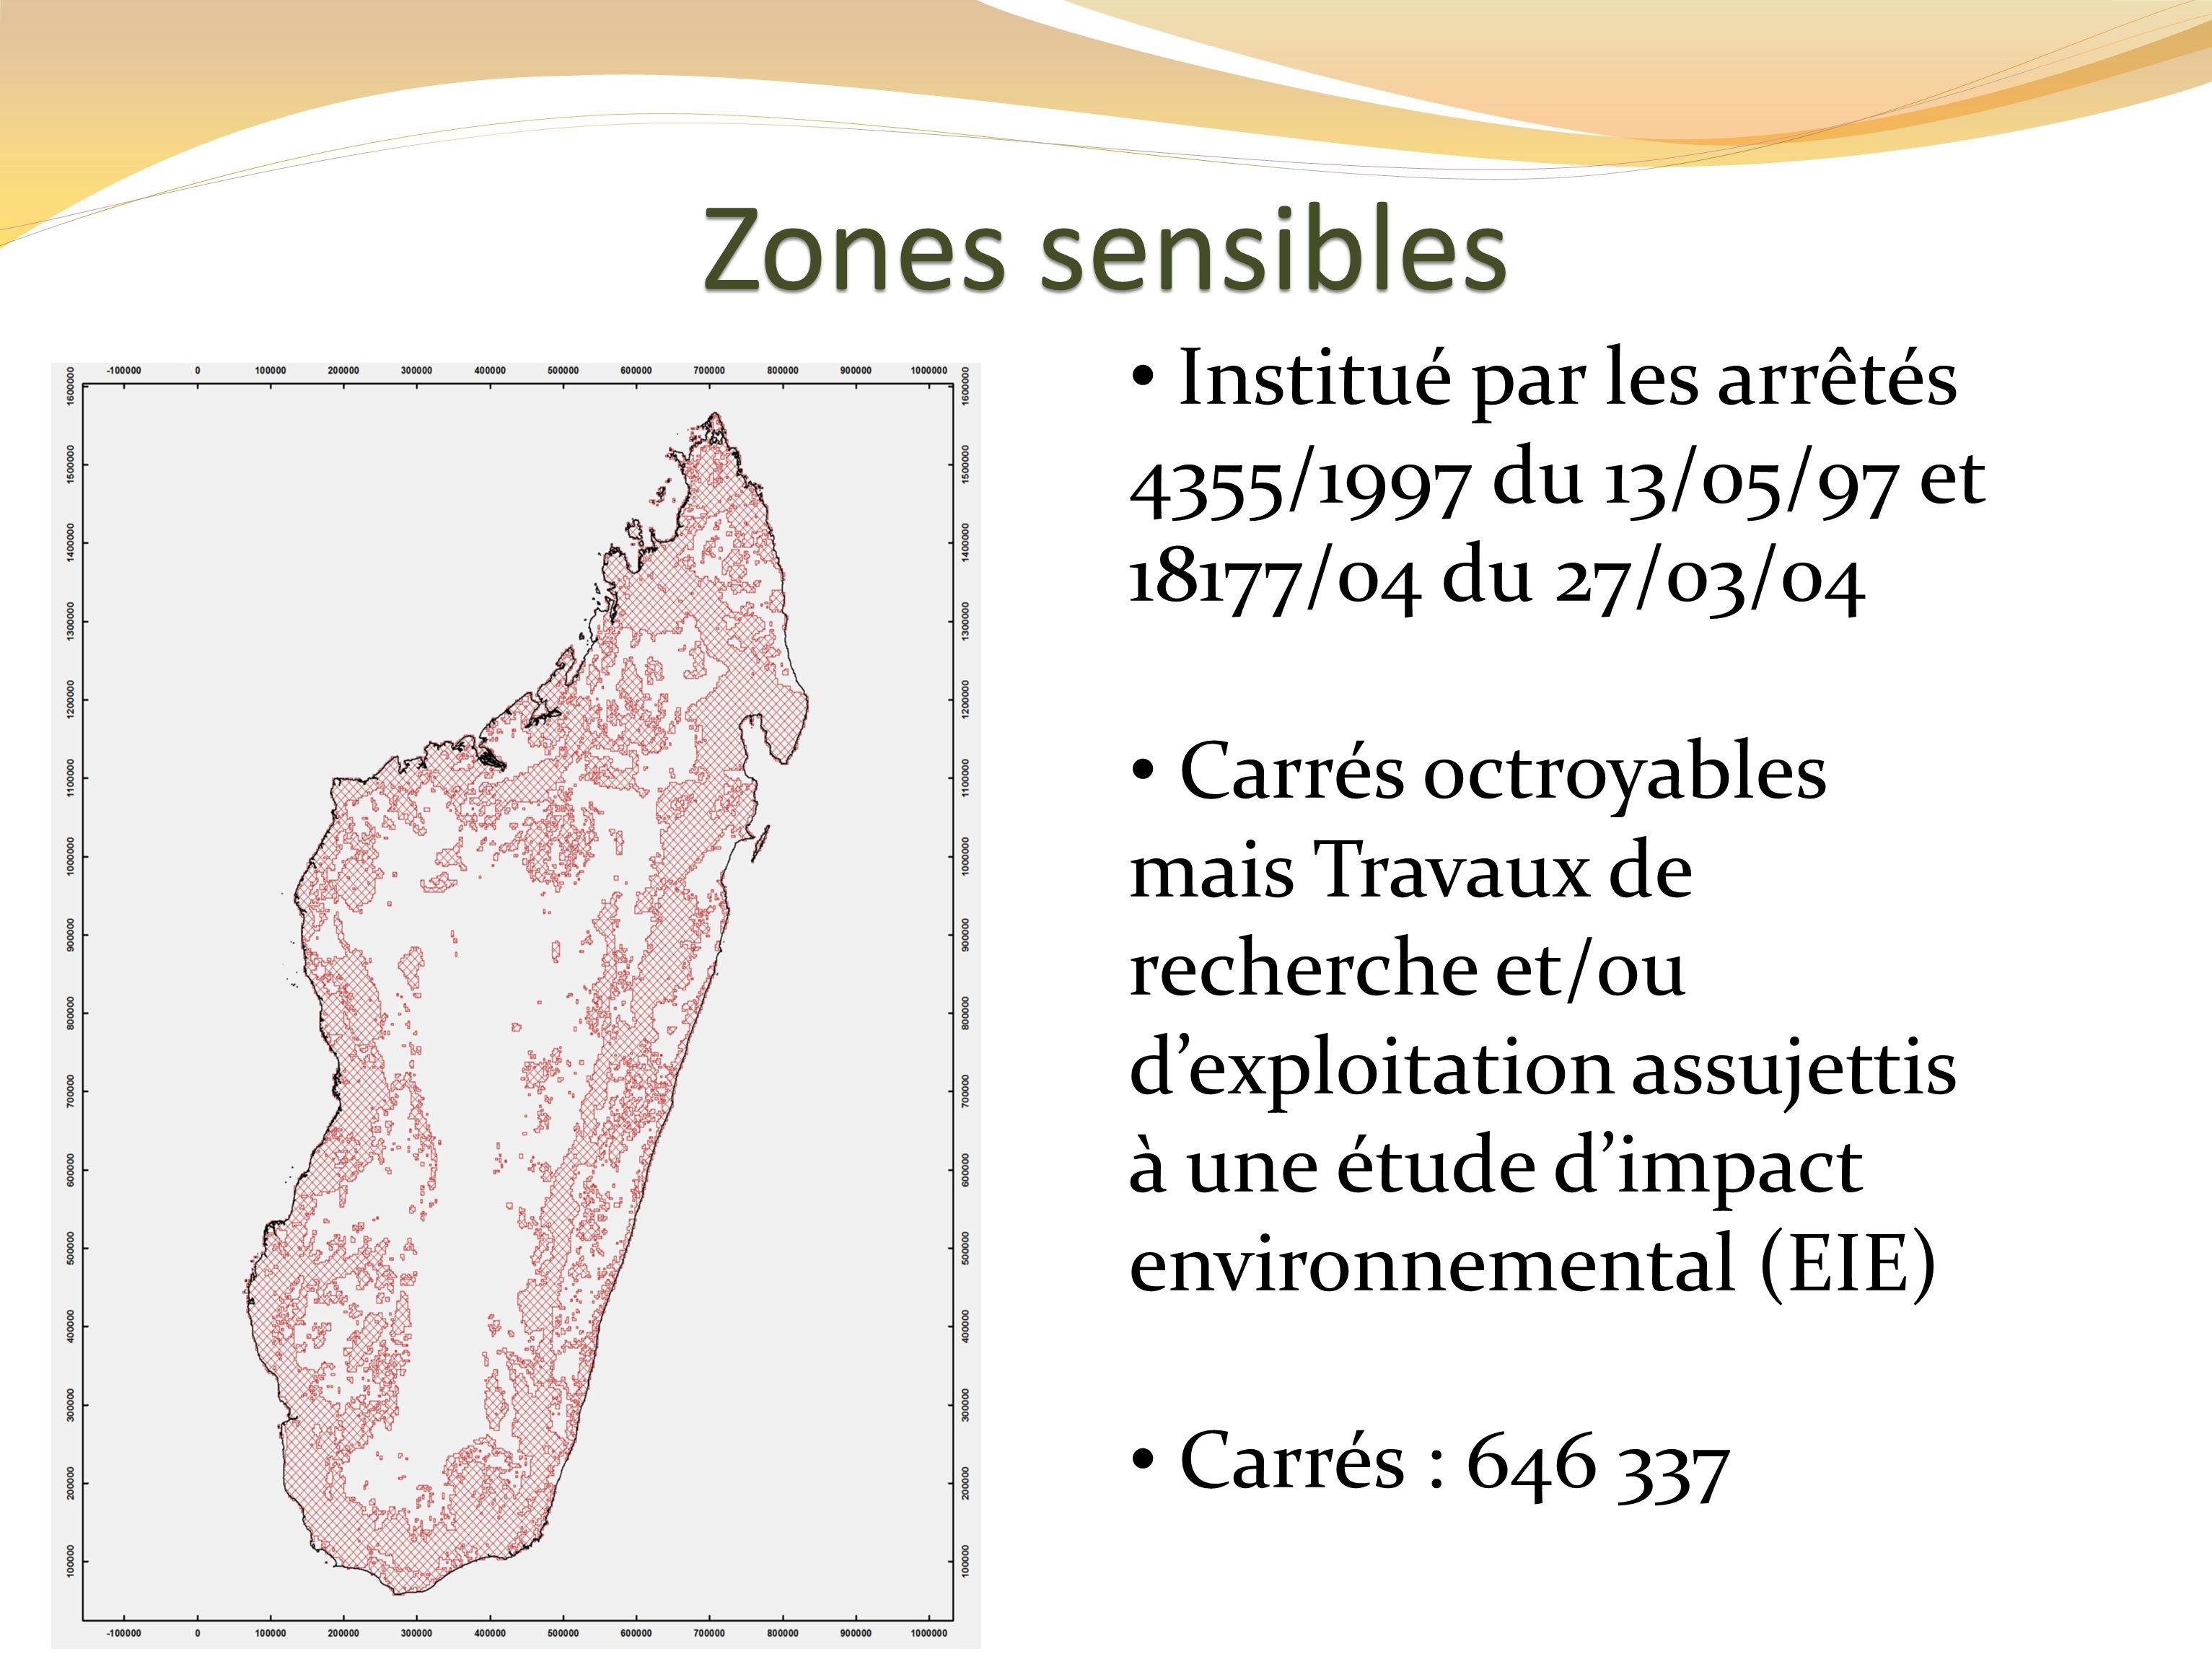 Zones sensibles Institué par les arrêtés 4355/1997 du 13/05/97 et 18177/04 du 27/03/04.